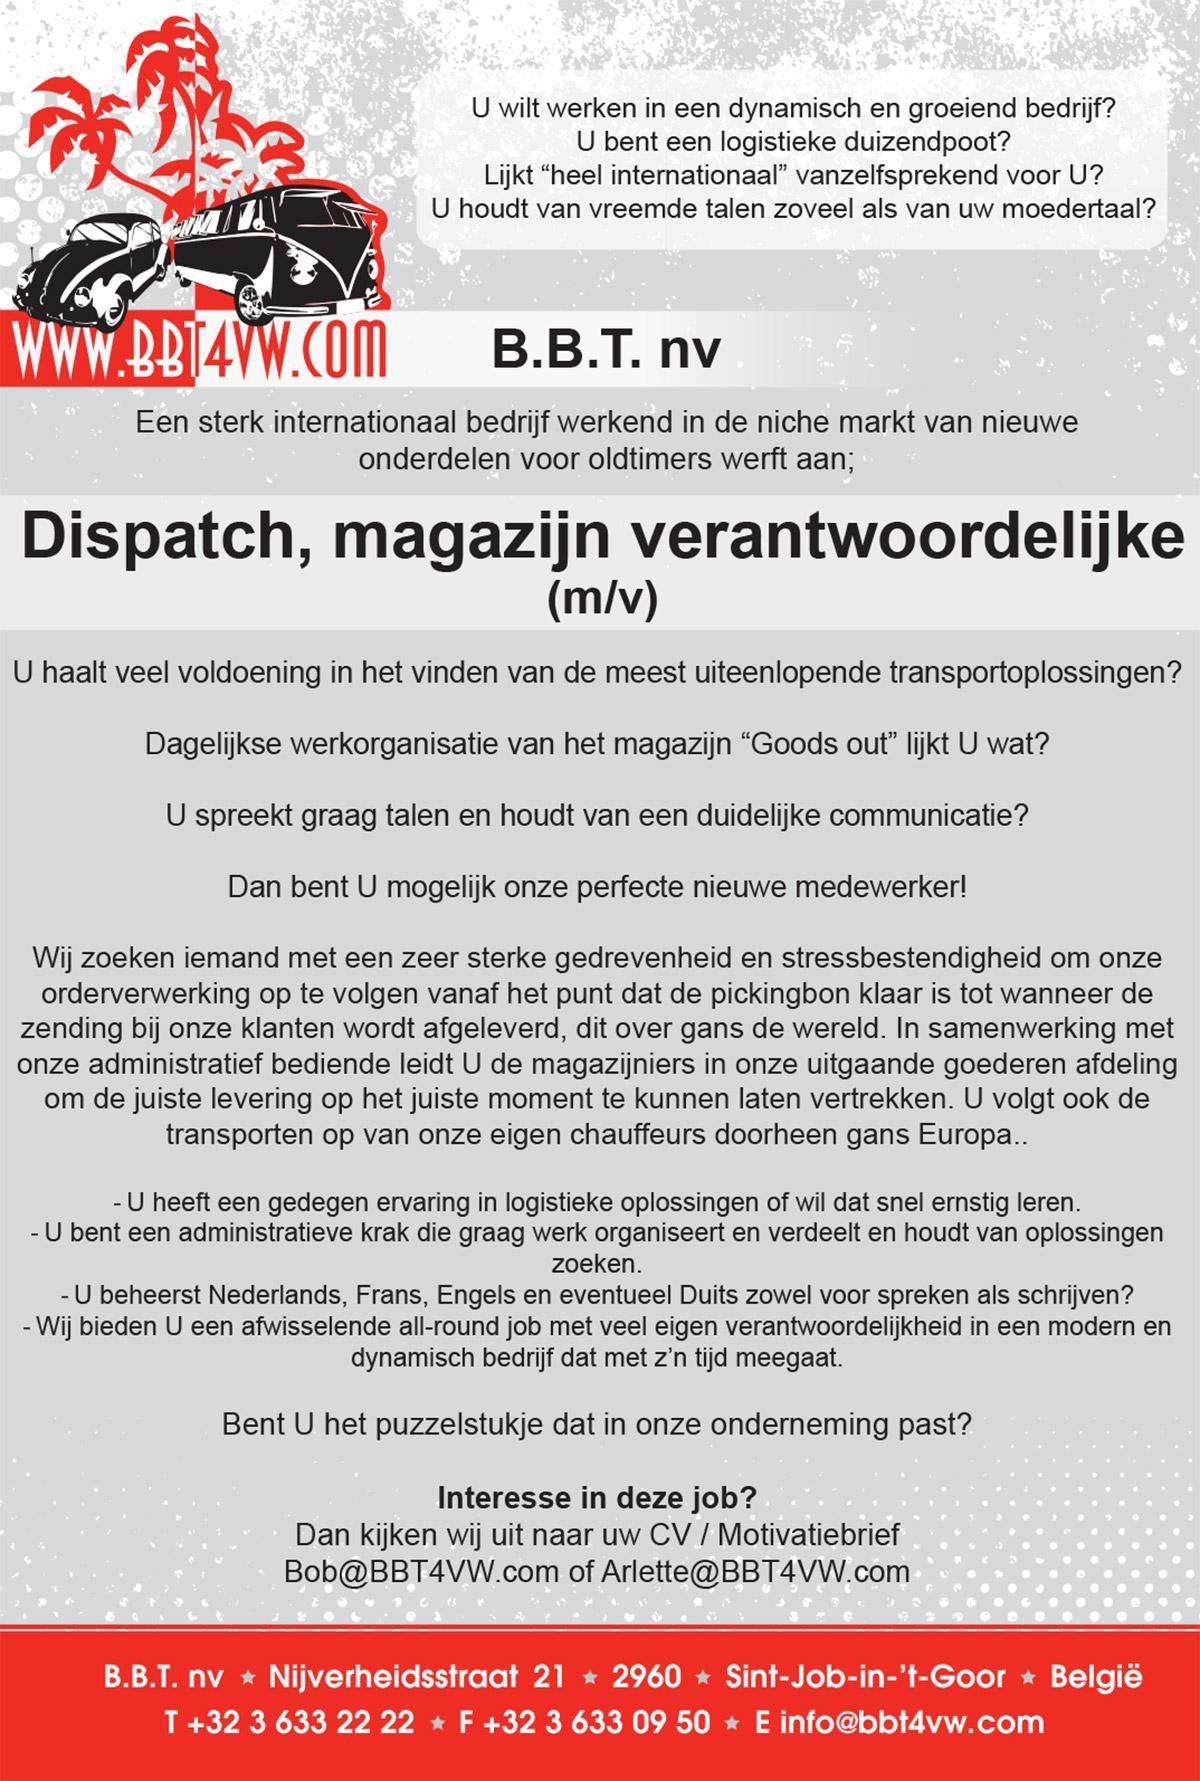 Dispatch-Magazijn-verantwoordelijke